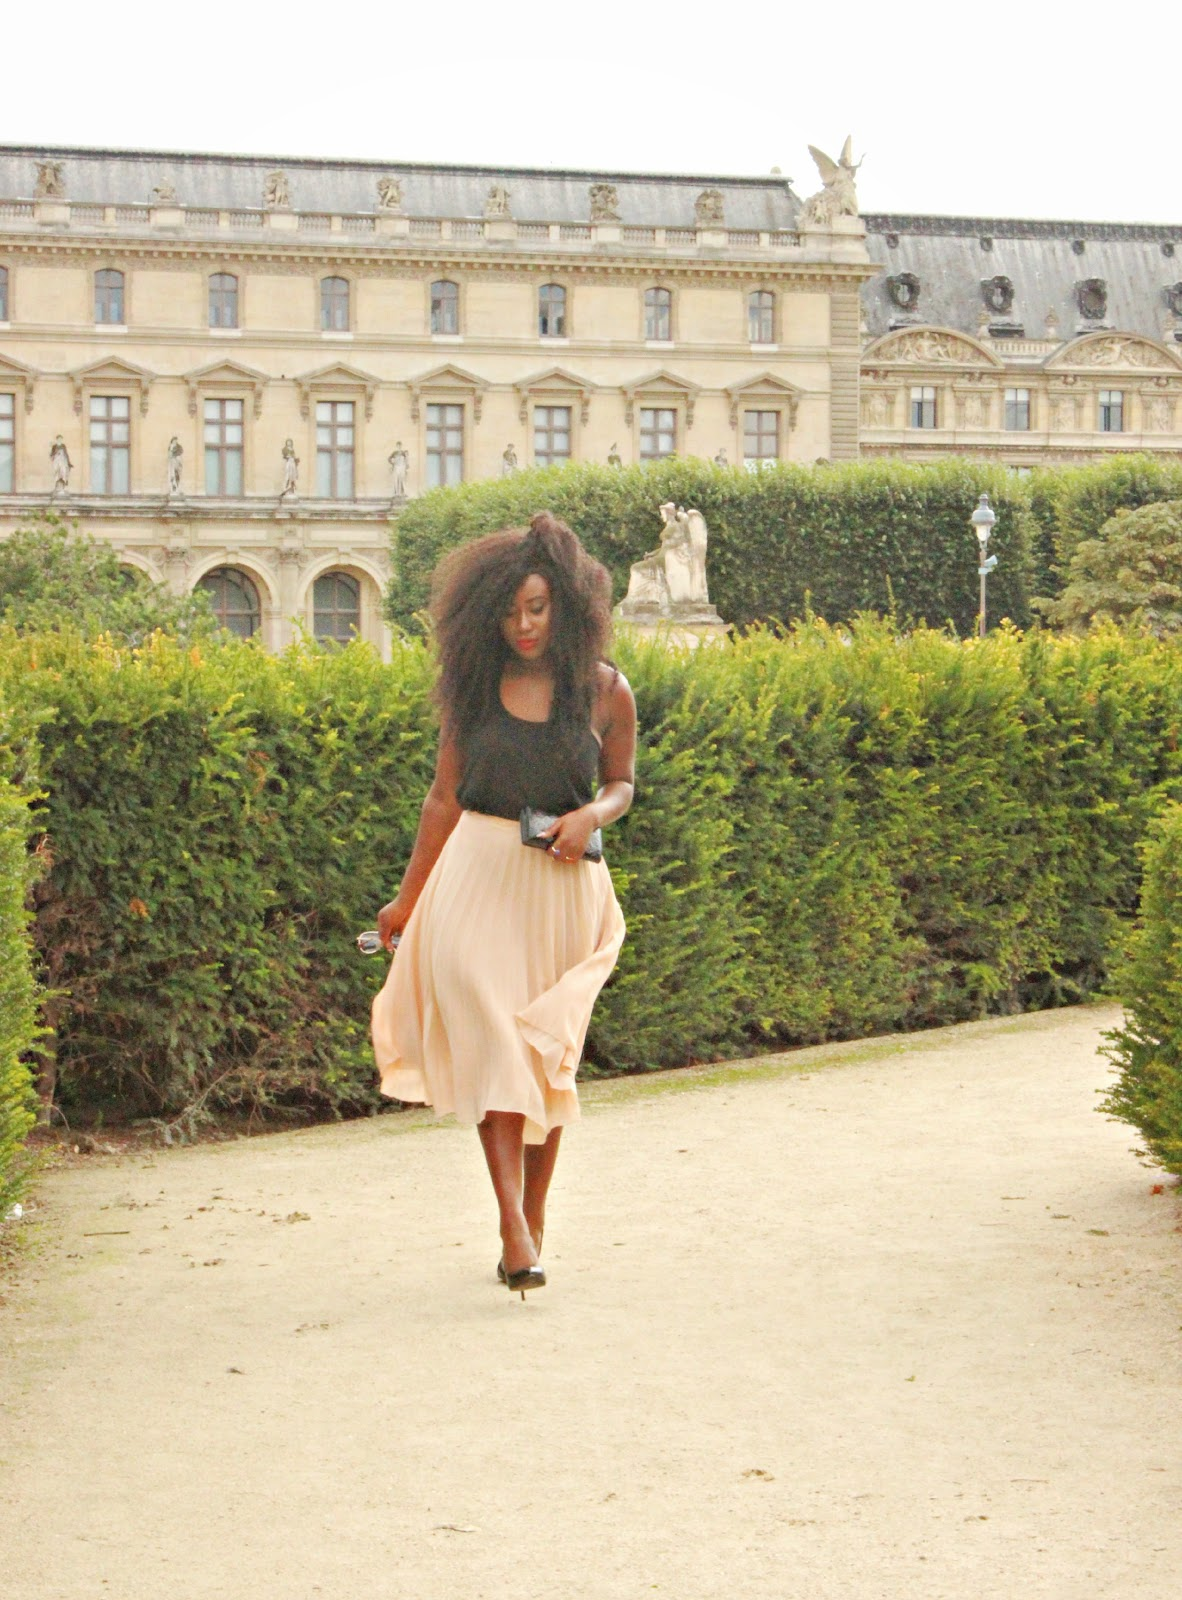 fashion beauty me paris chronicles let s get carrie d away